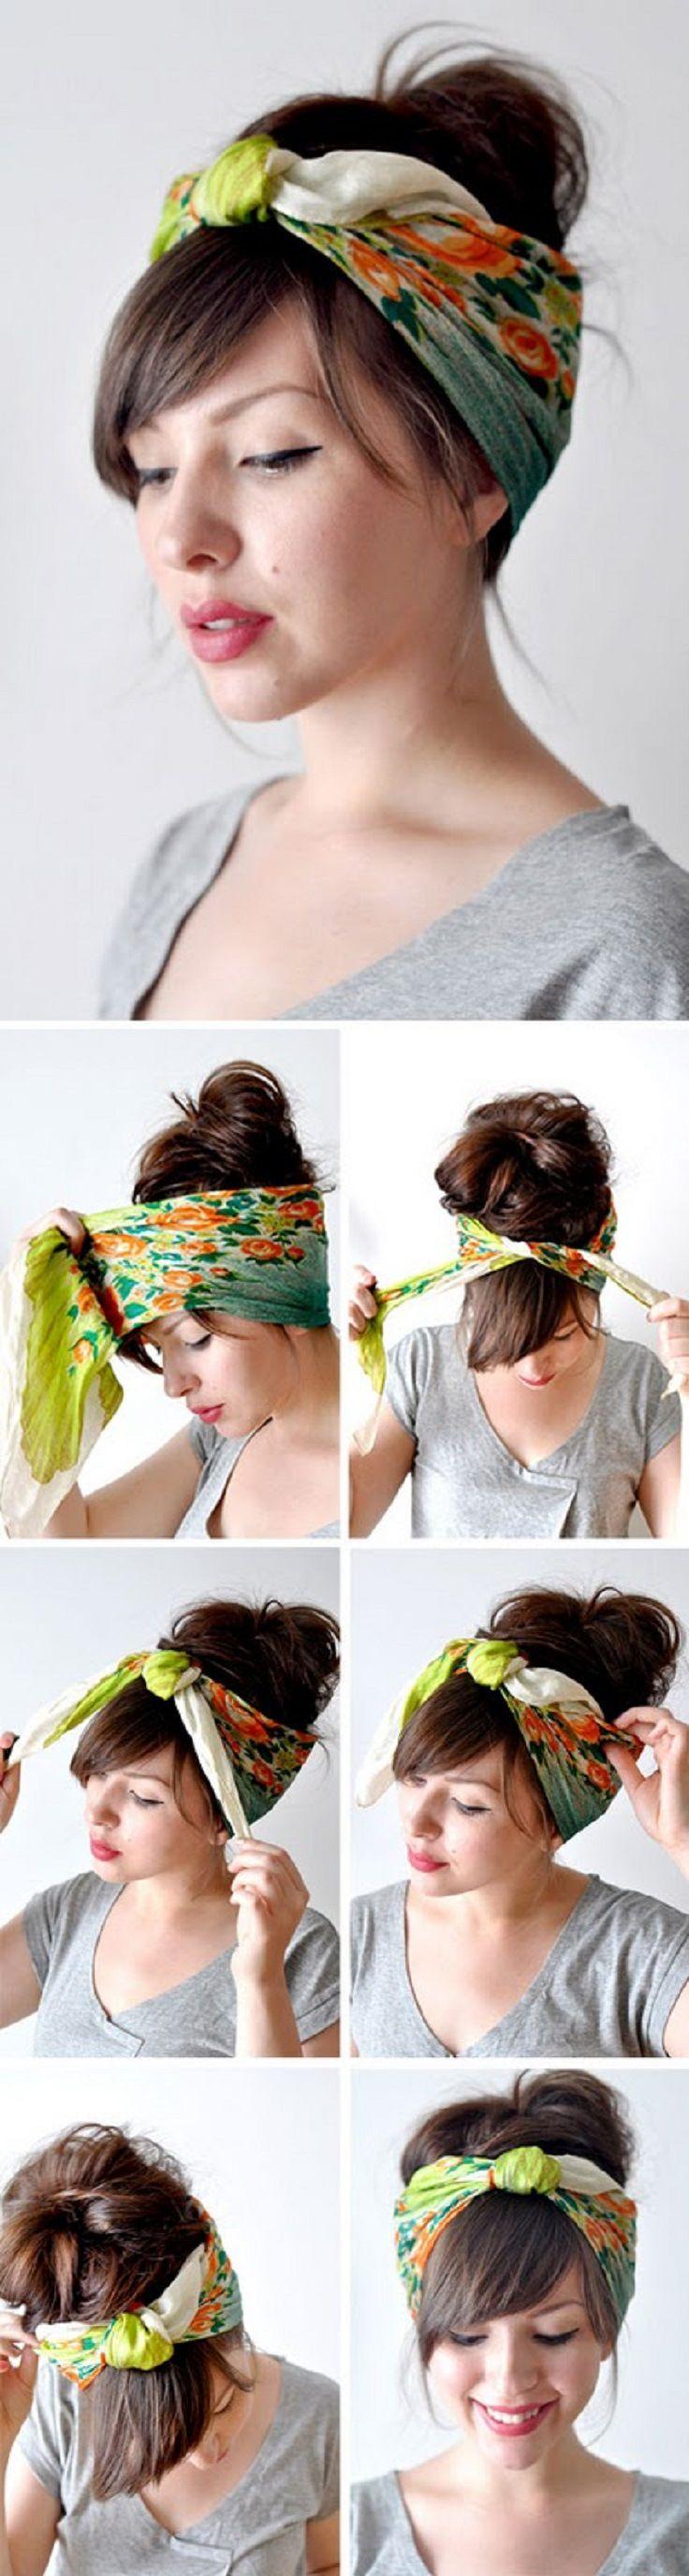 5 Peinados Faciles Y Practicos Para El Pelo Corto 3 Beaux Cheveux